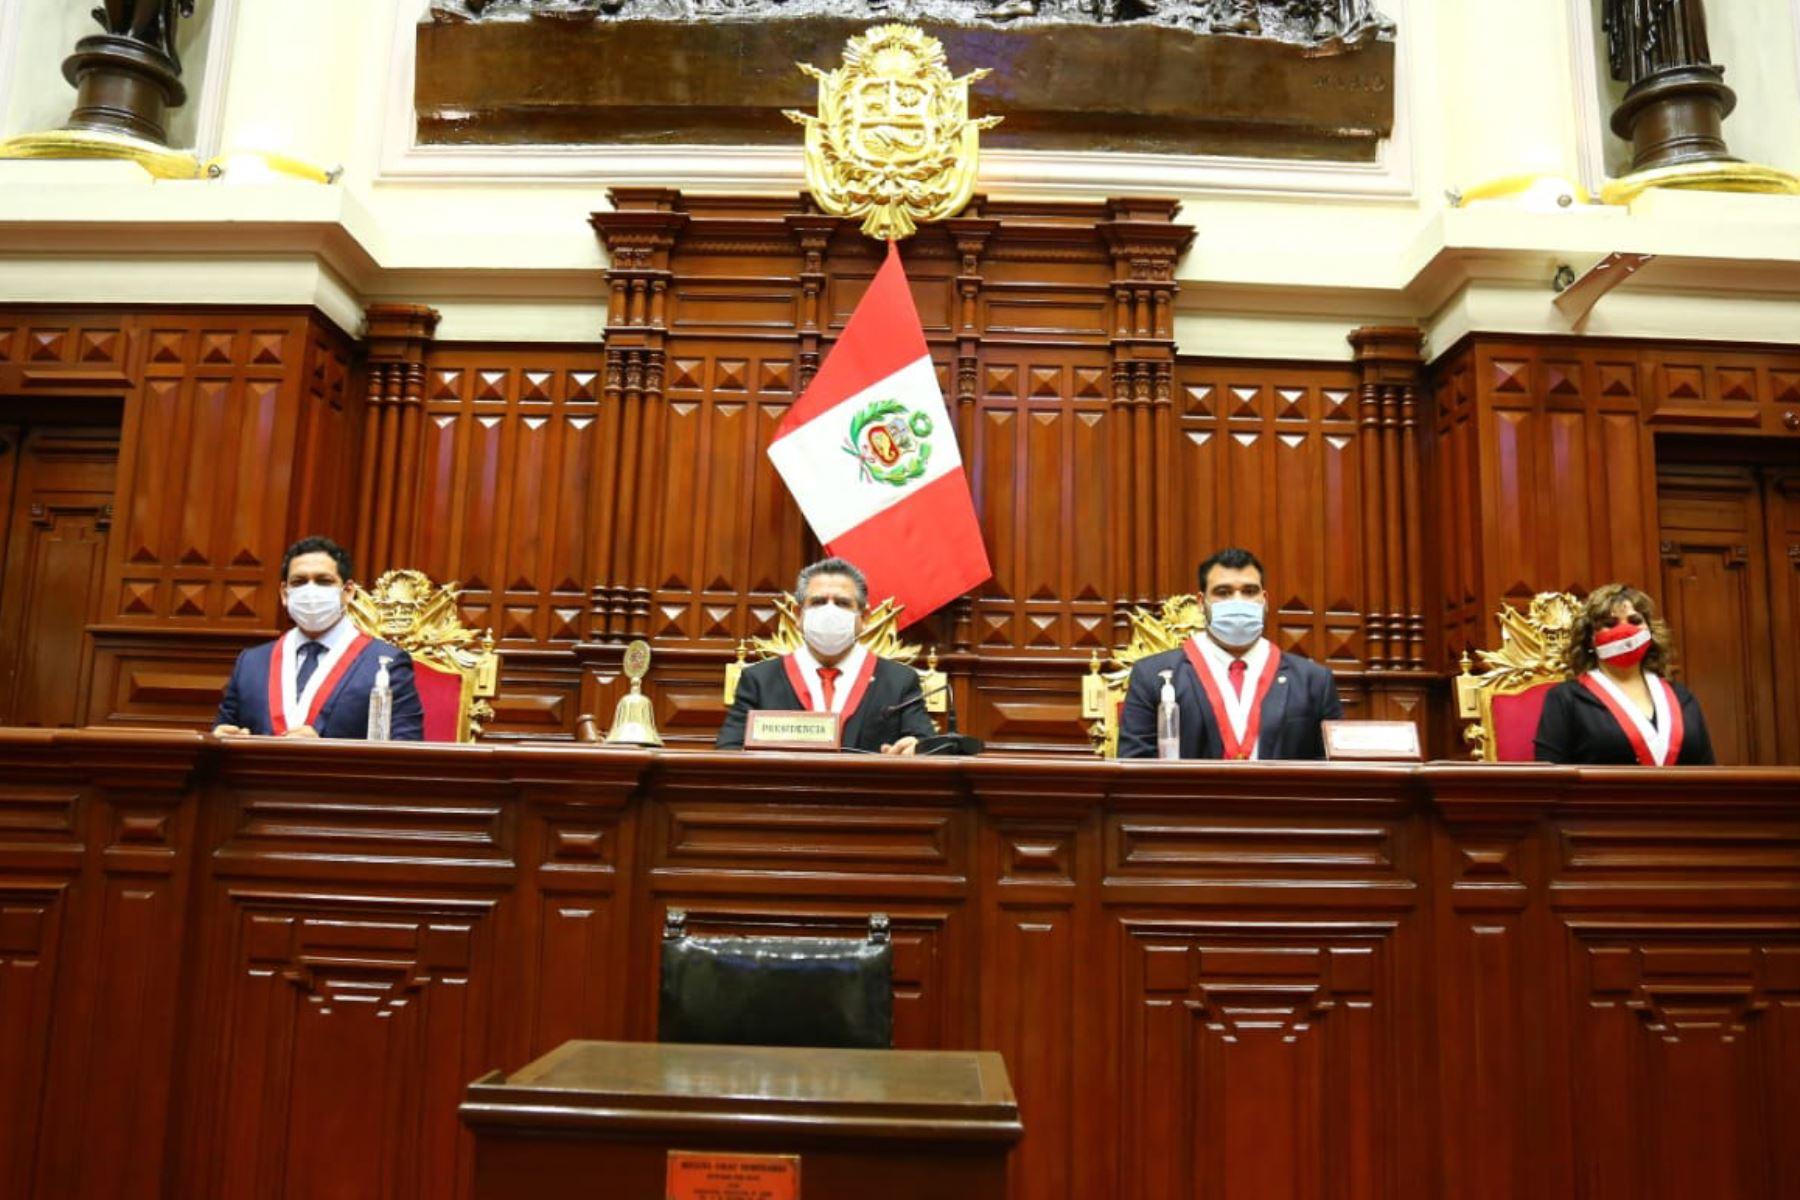 Congreso: Pleno conmemora 198 aniversario de creación del Parlamento Nacional   Noticias